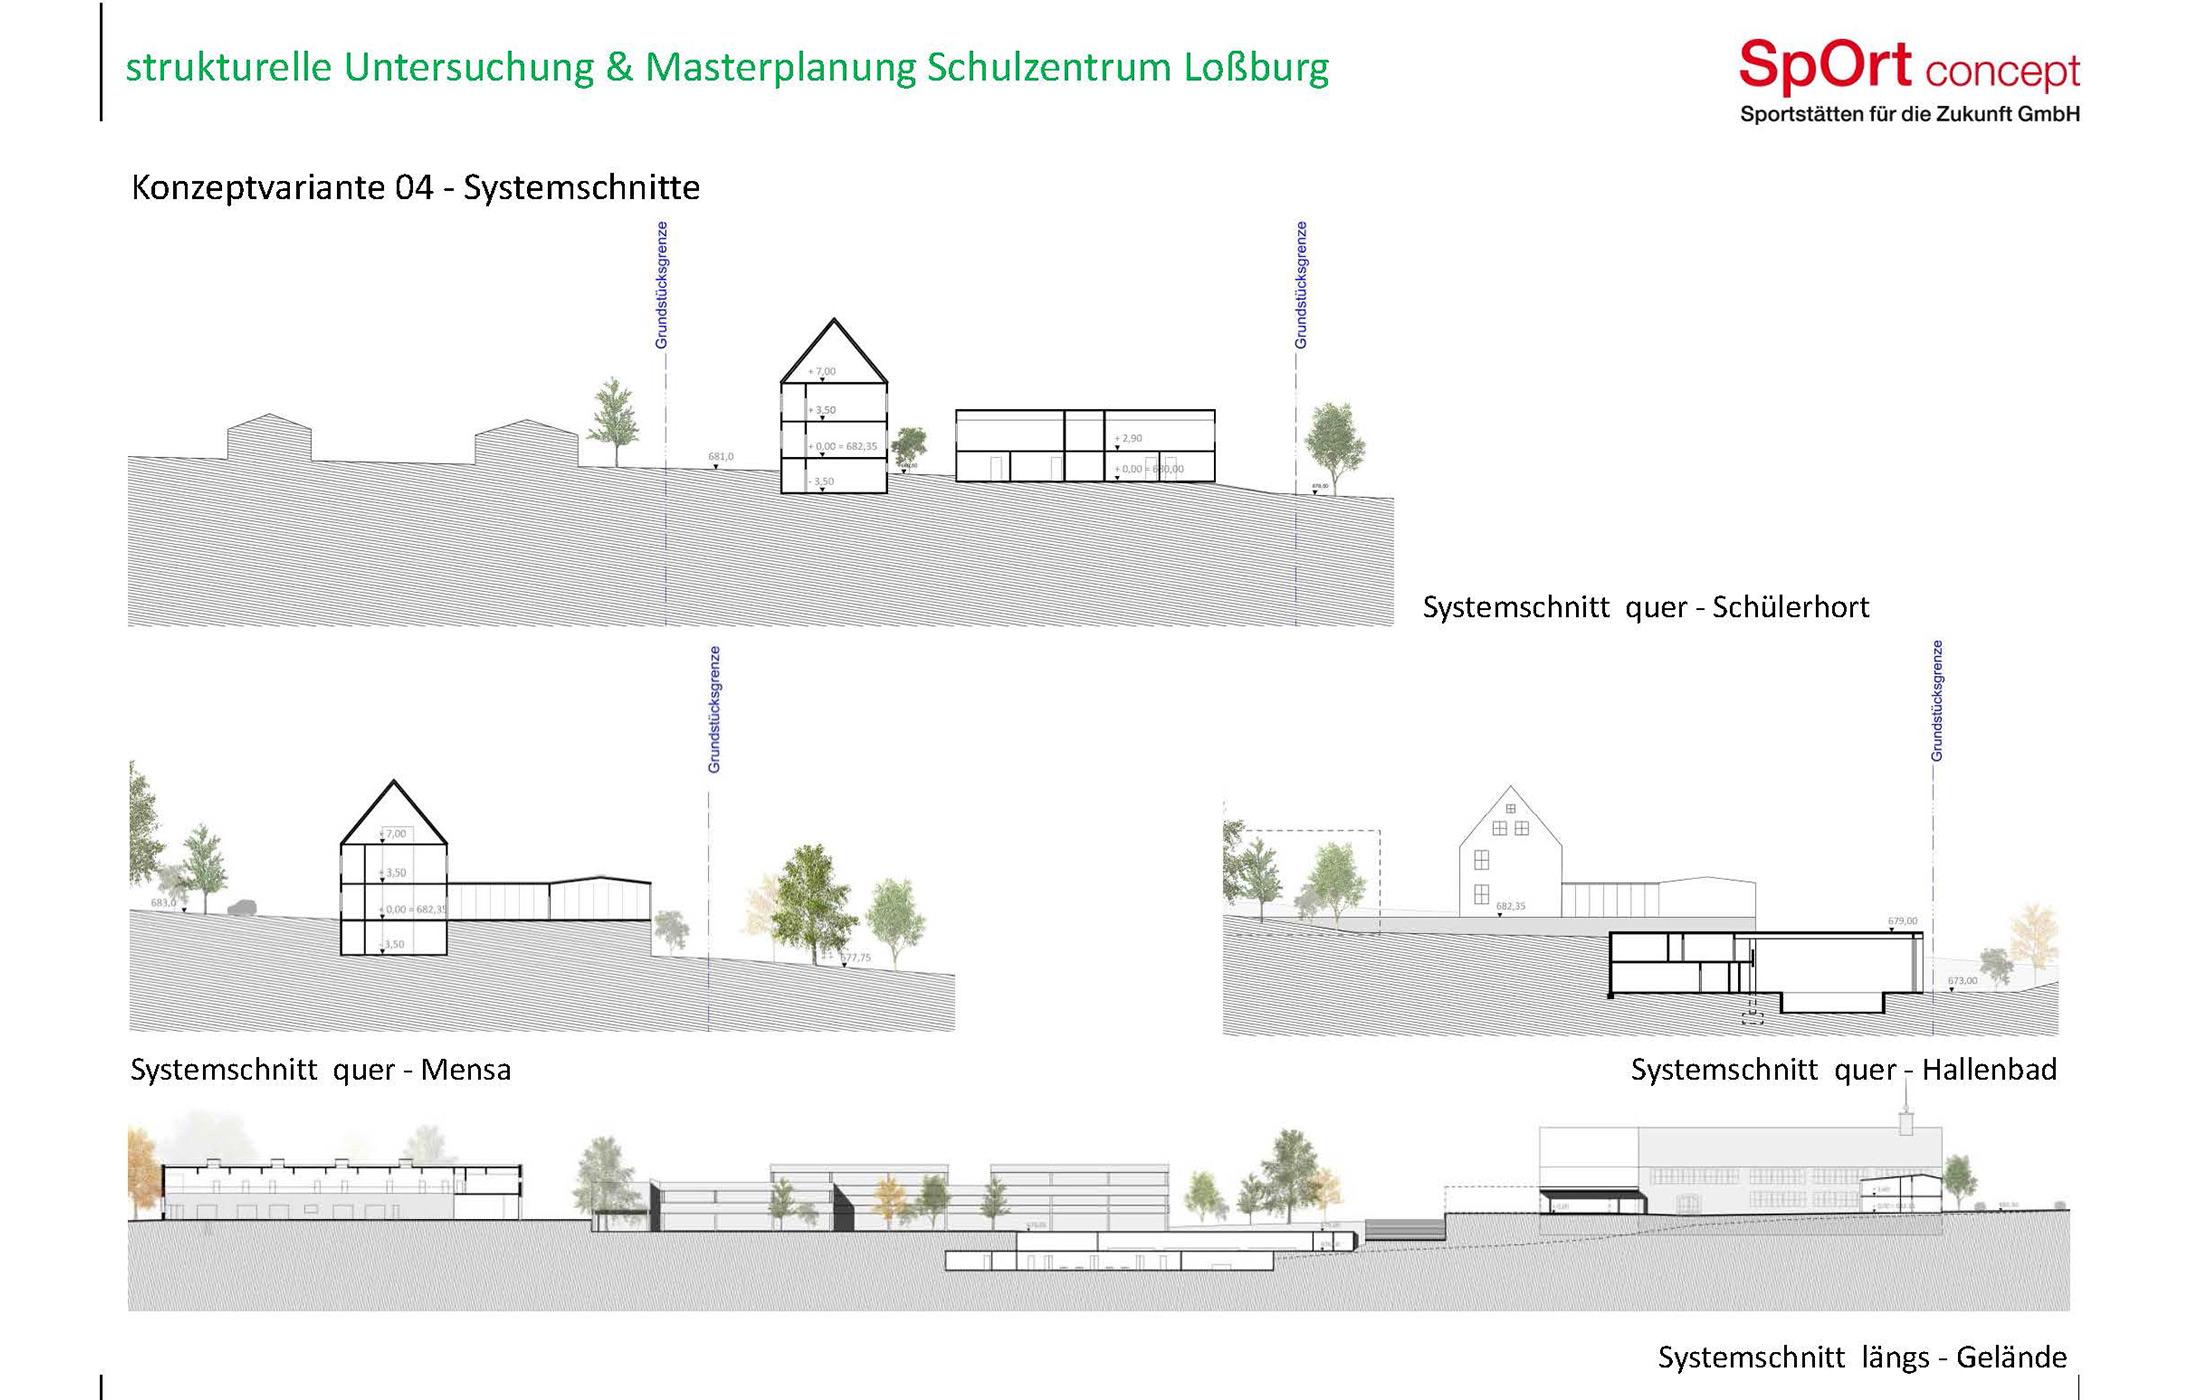 2016, Strukturelle Untersuchung und Masterplanung Schulzentrum mit Hallenbad, Loßburg